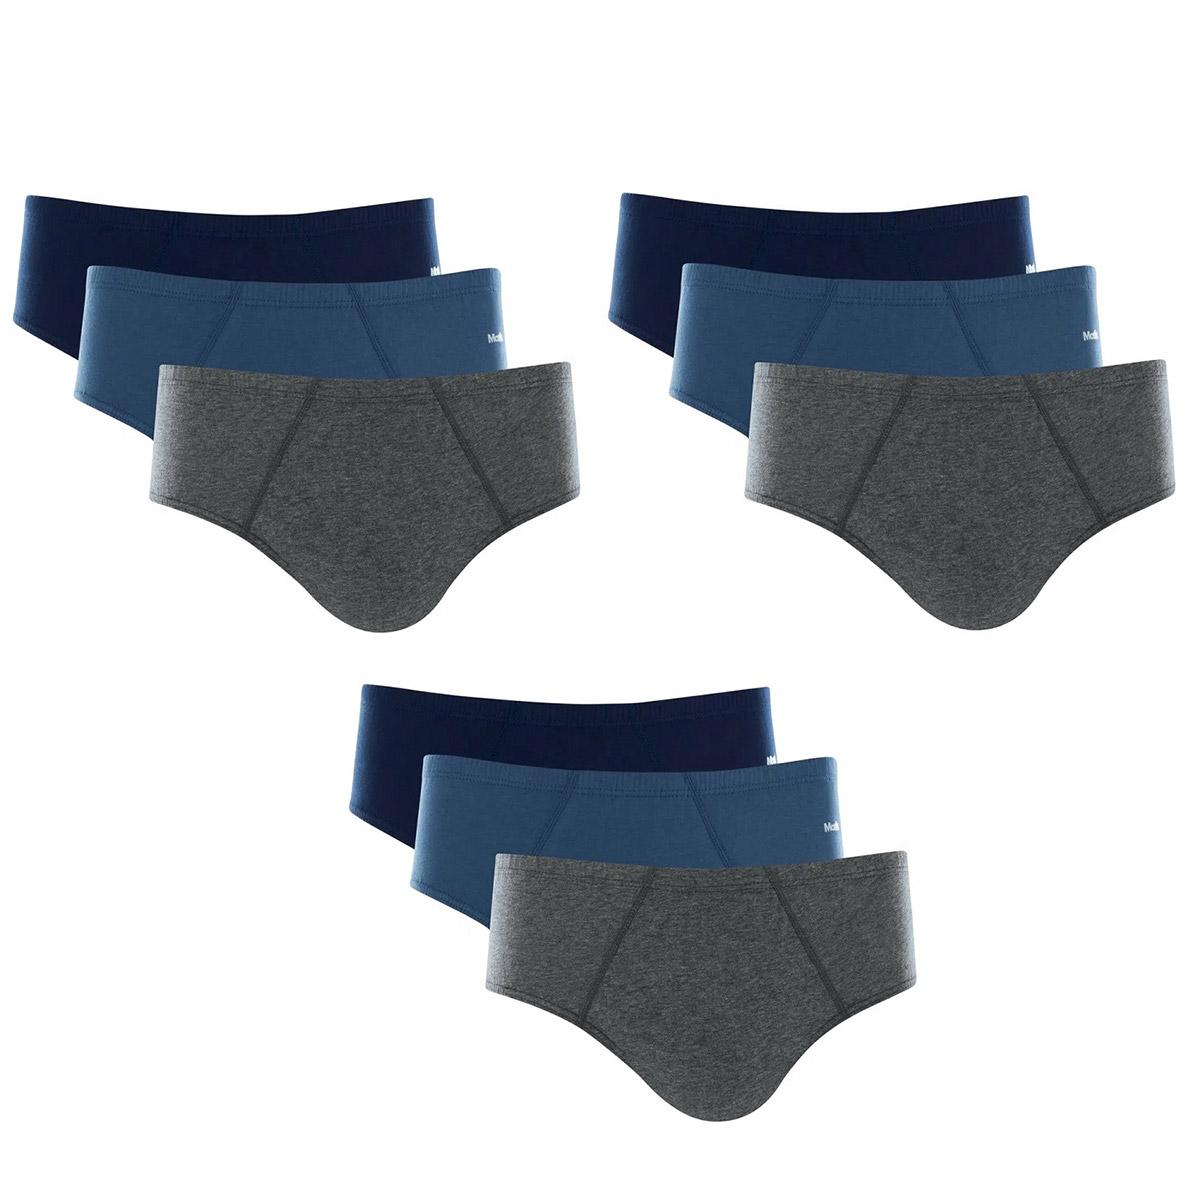 Kit 9 Cuecas Slip Mash 100% Algodão Comfort Clássica